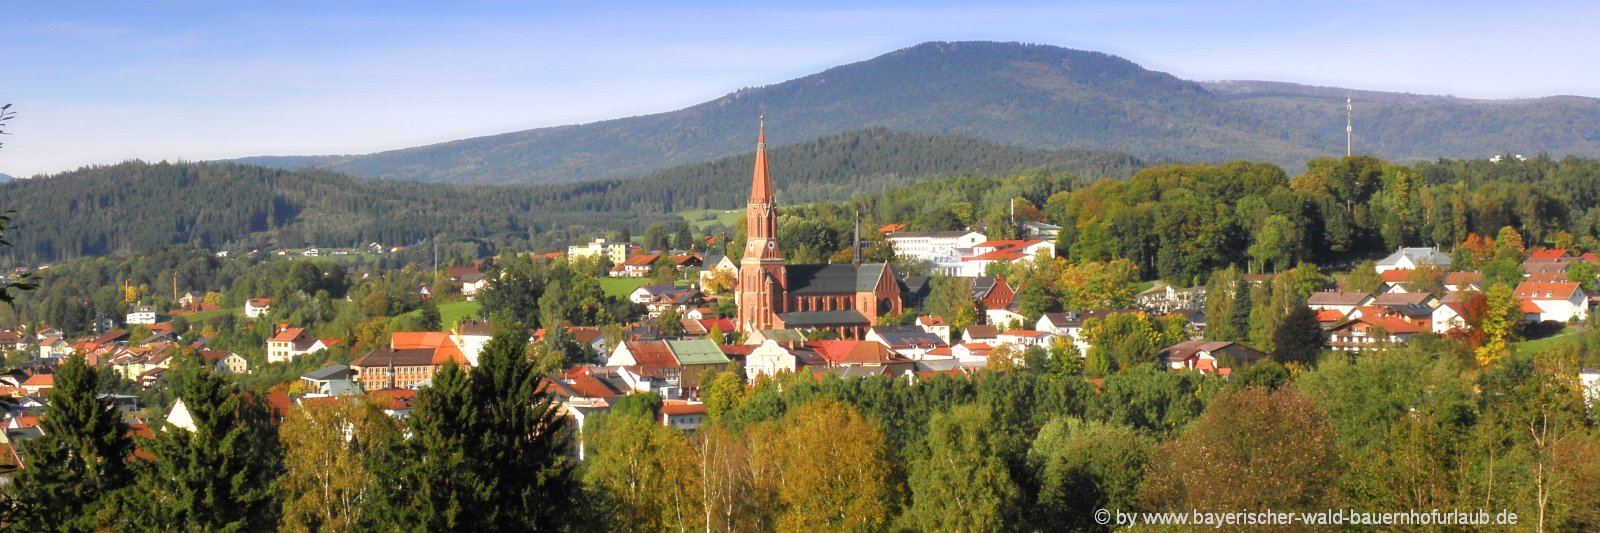 ausflugsziele-bayerischer-wald-sehenswürdigkeiten-highlight-zwiesel